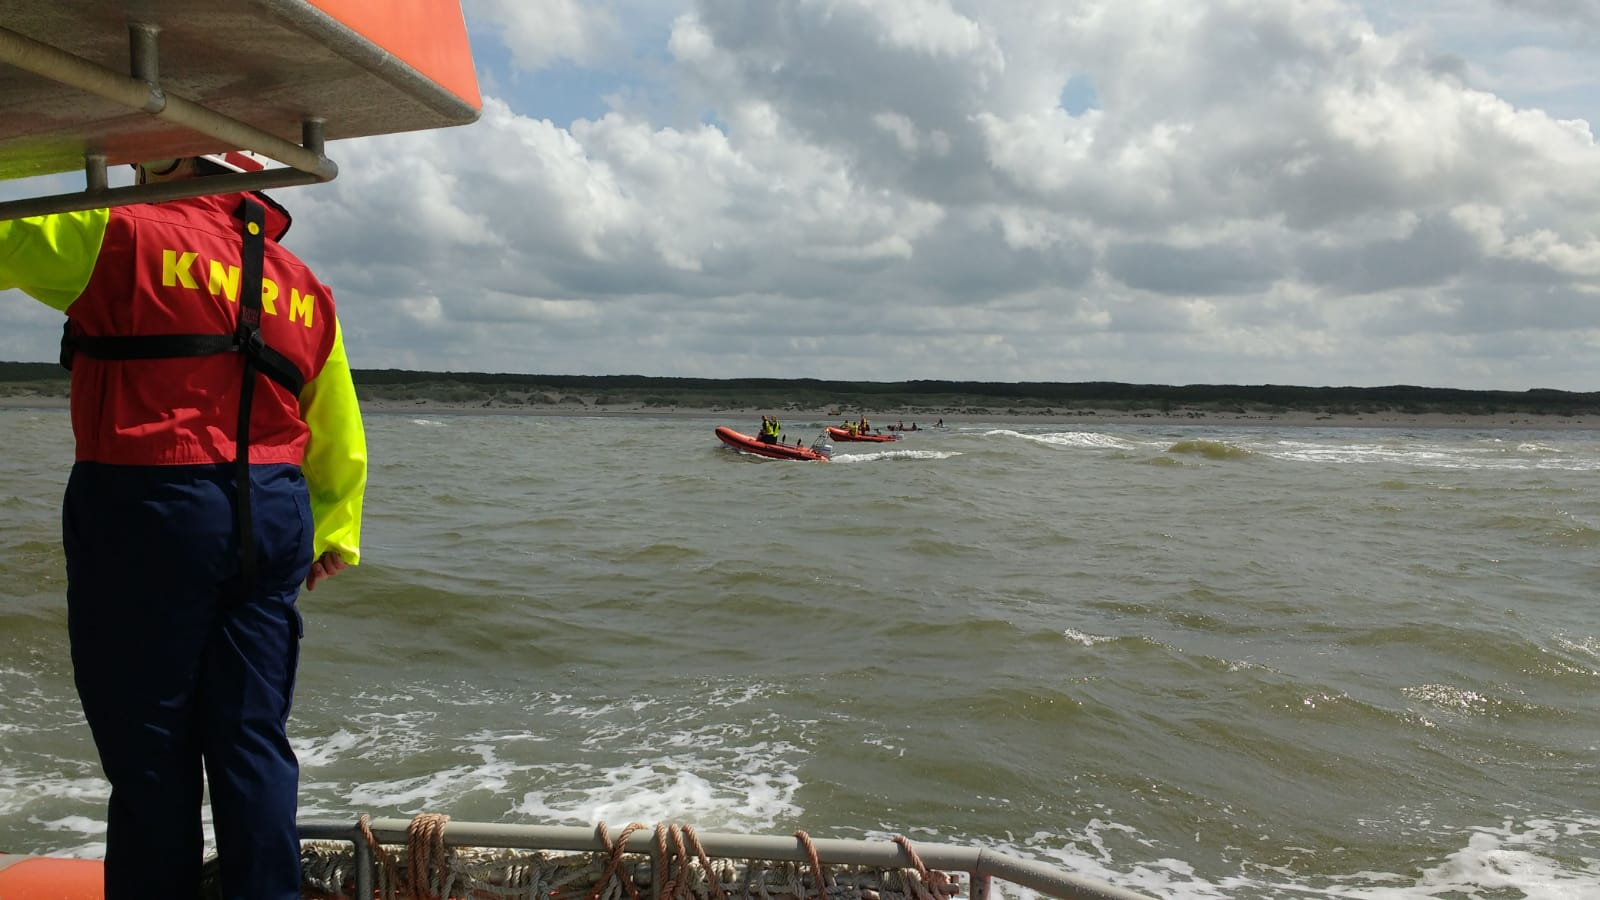 Grote zoekactie naar zwemmer bij Wassenaarseslag